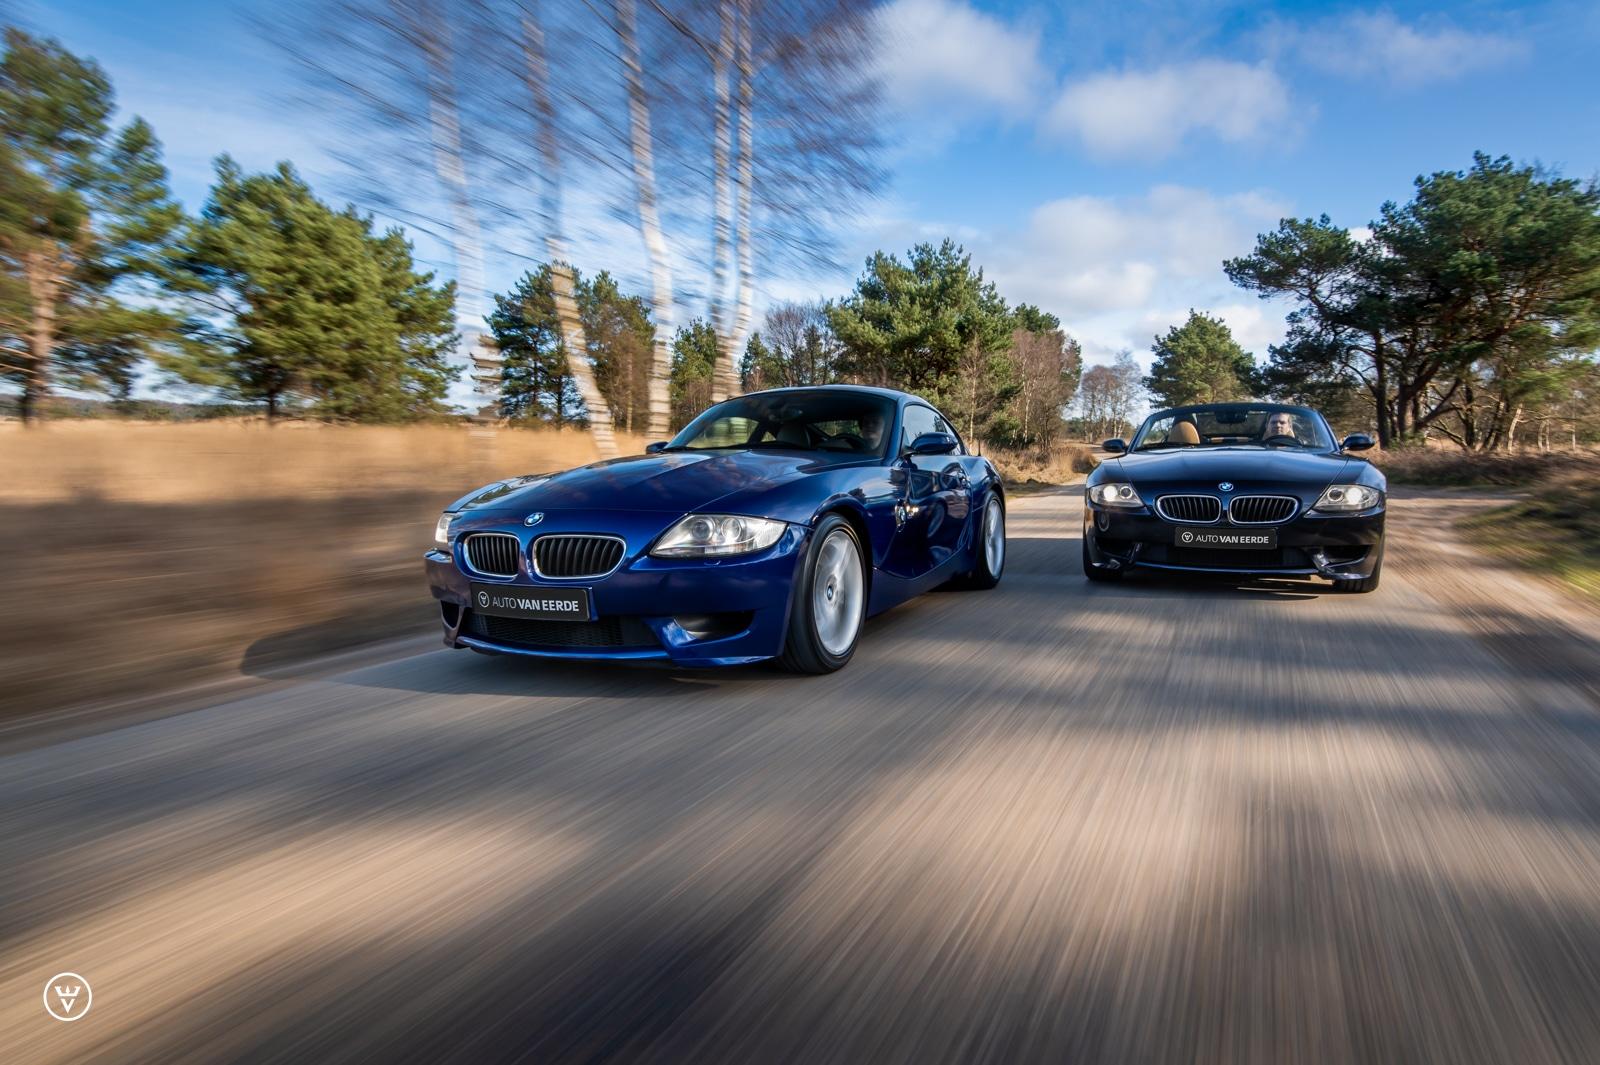 BMW Z4 M coupe en roadster